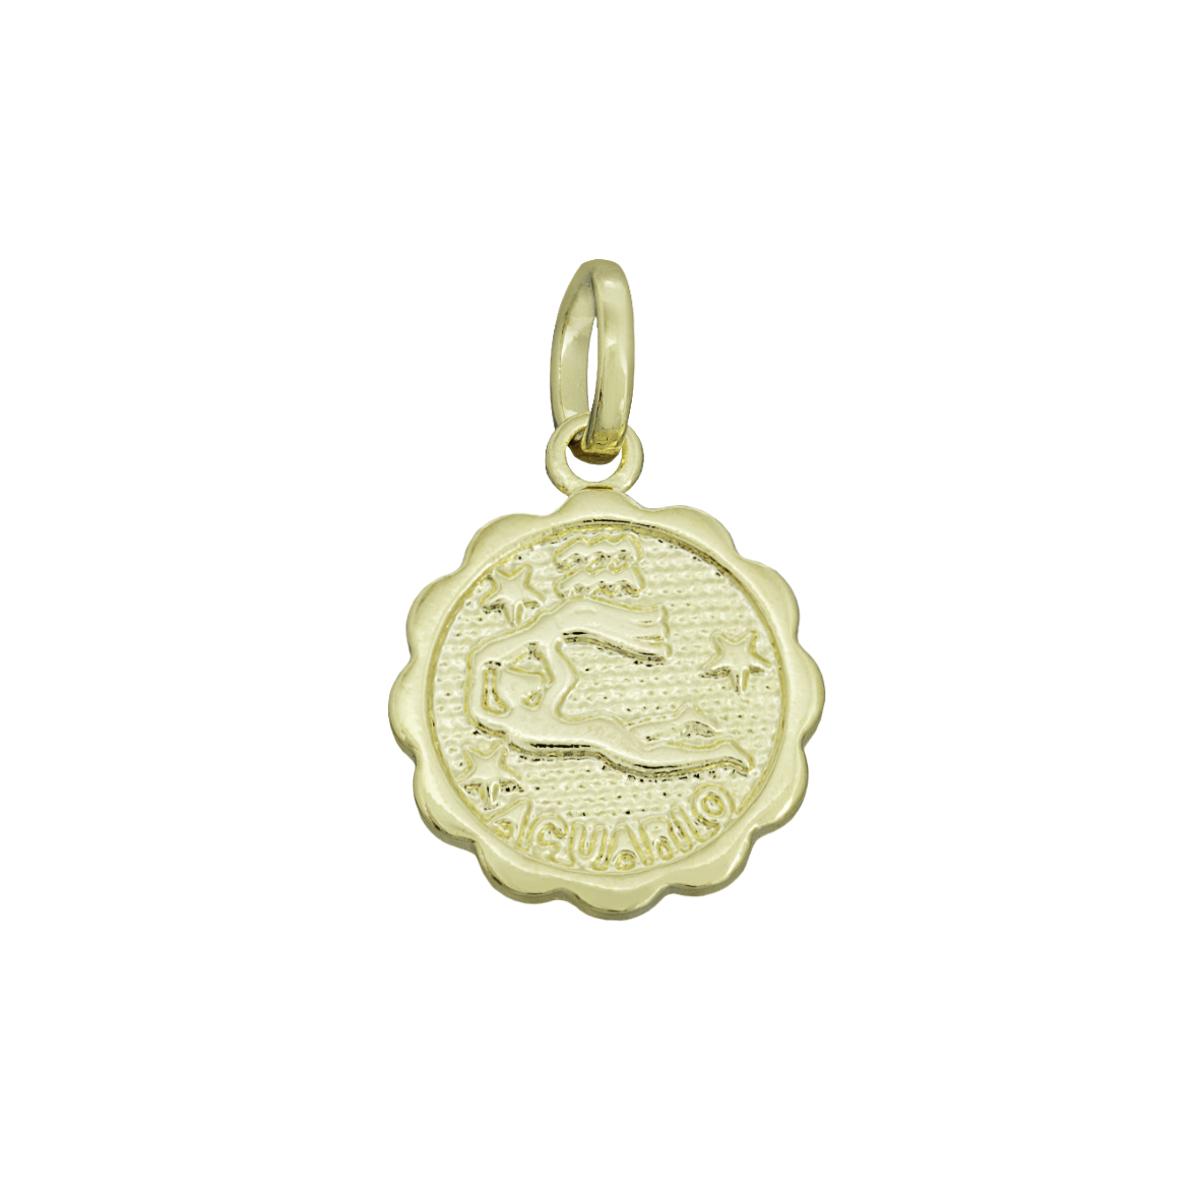 Pingente semijoia Medalha Signos folheado a ouro ou ródio